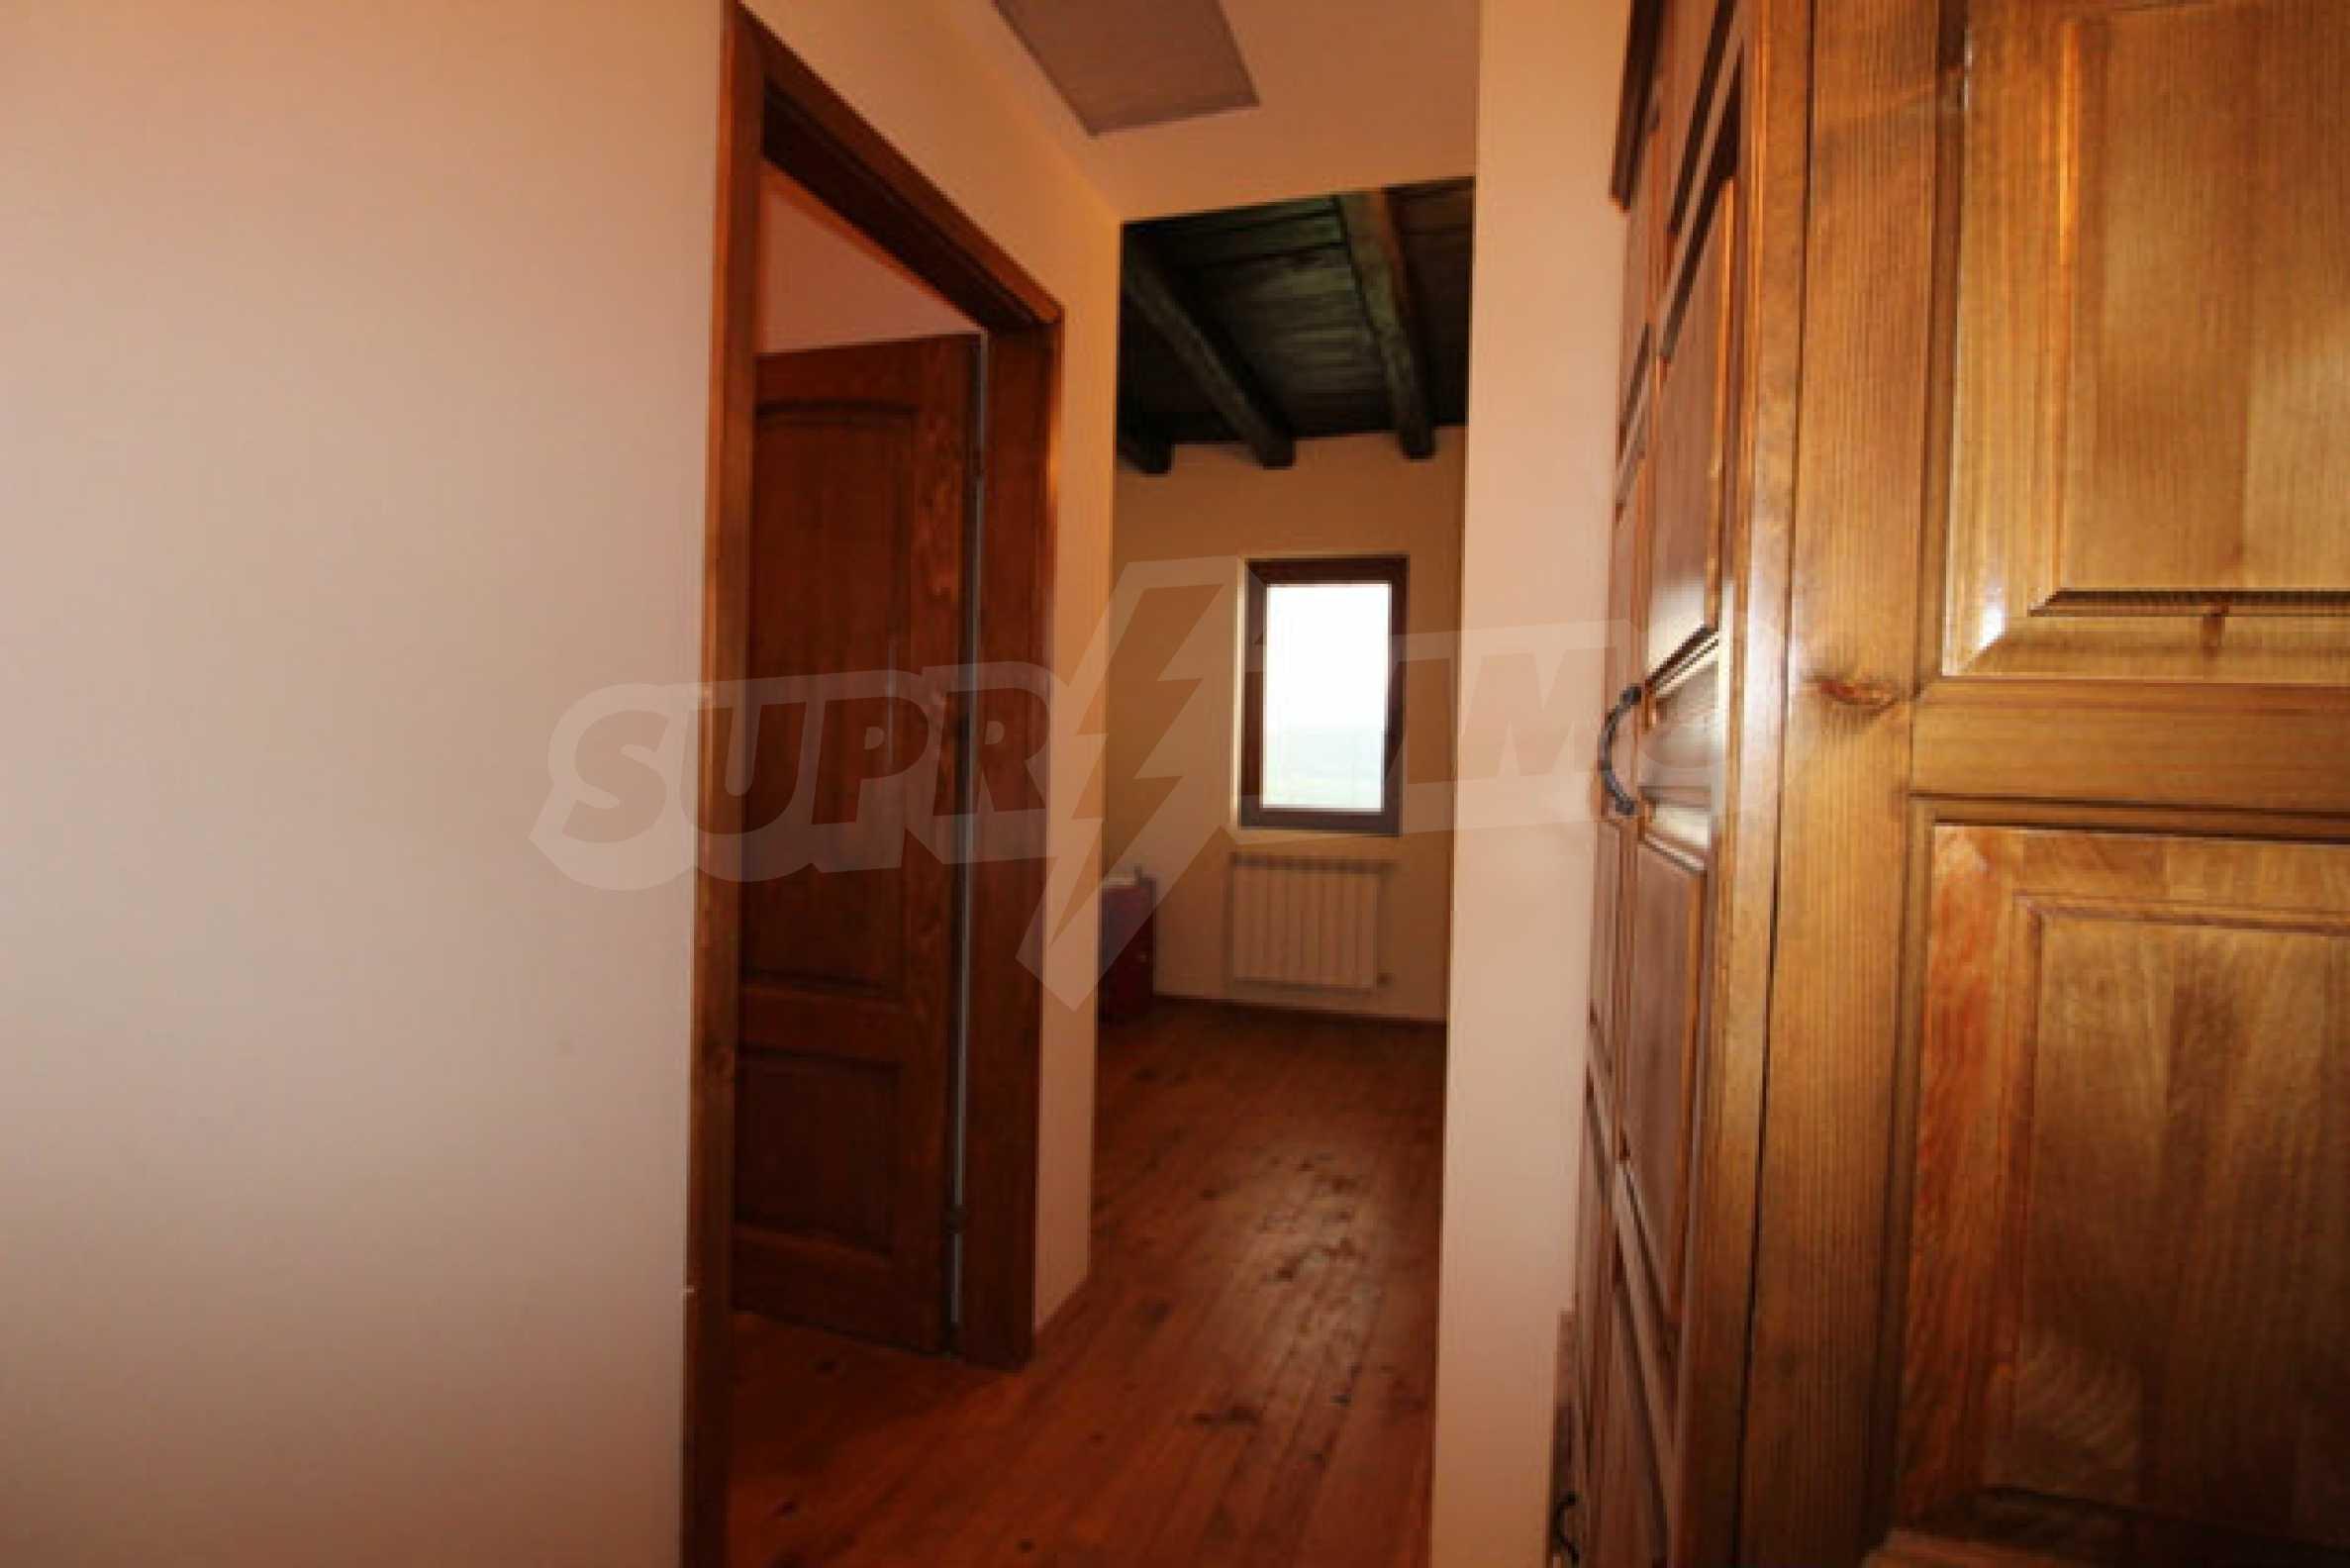 Реновирана двуетажна къща с двор само на 13 км от град Ловеч 14